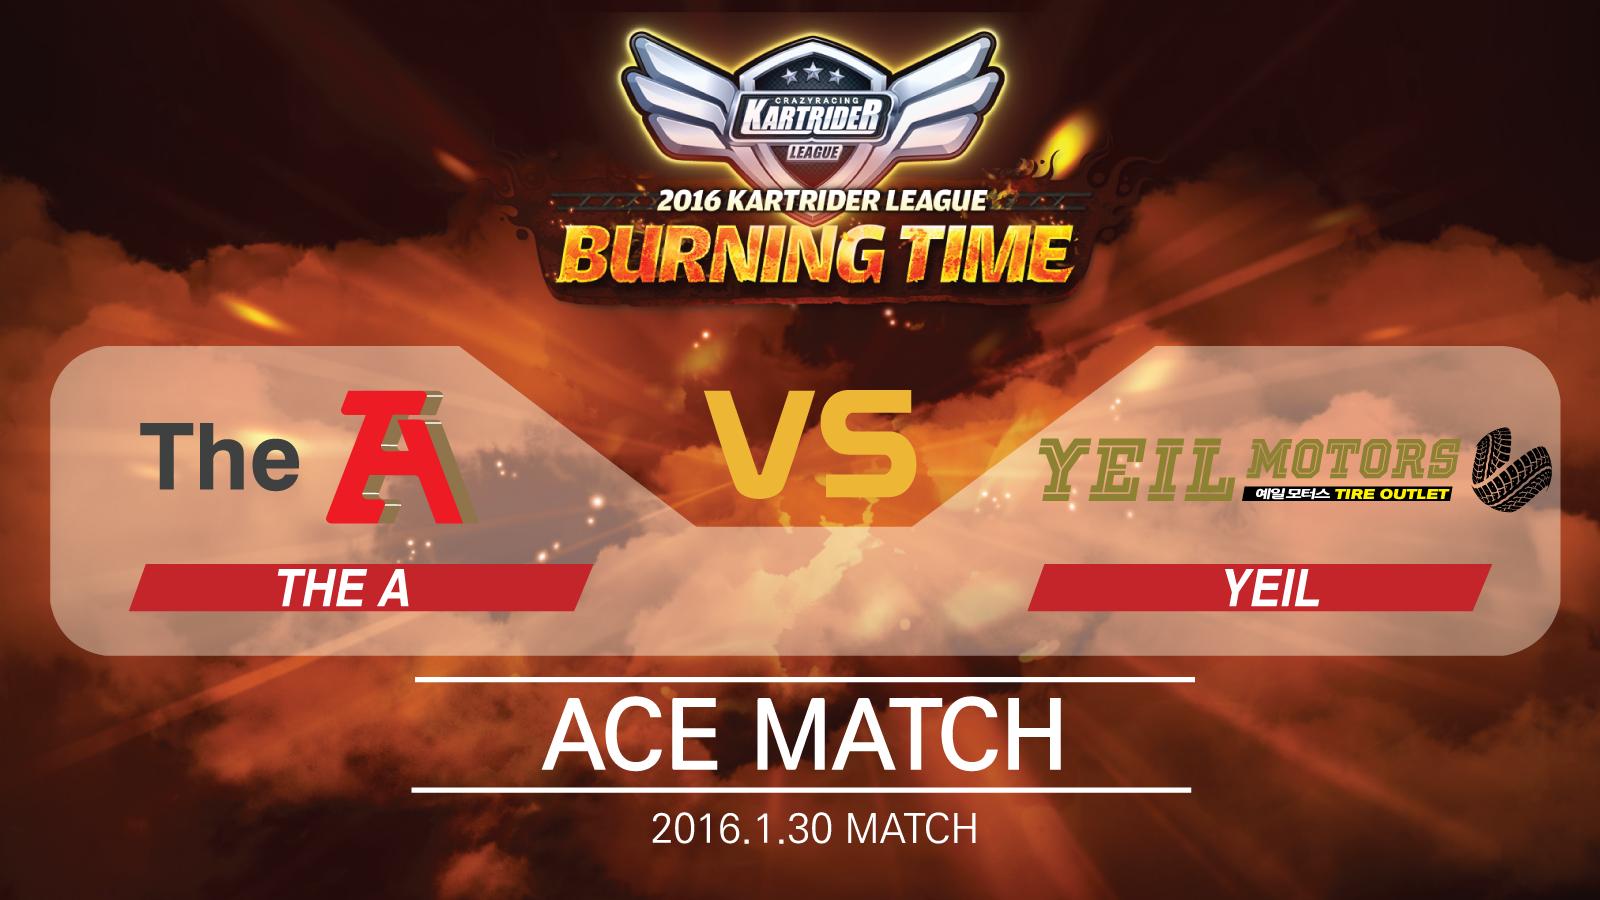 버닝타임 4강 2경기 THE A EngIneering vs 예일모터스 에이스결정전